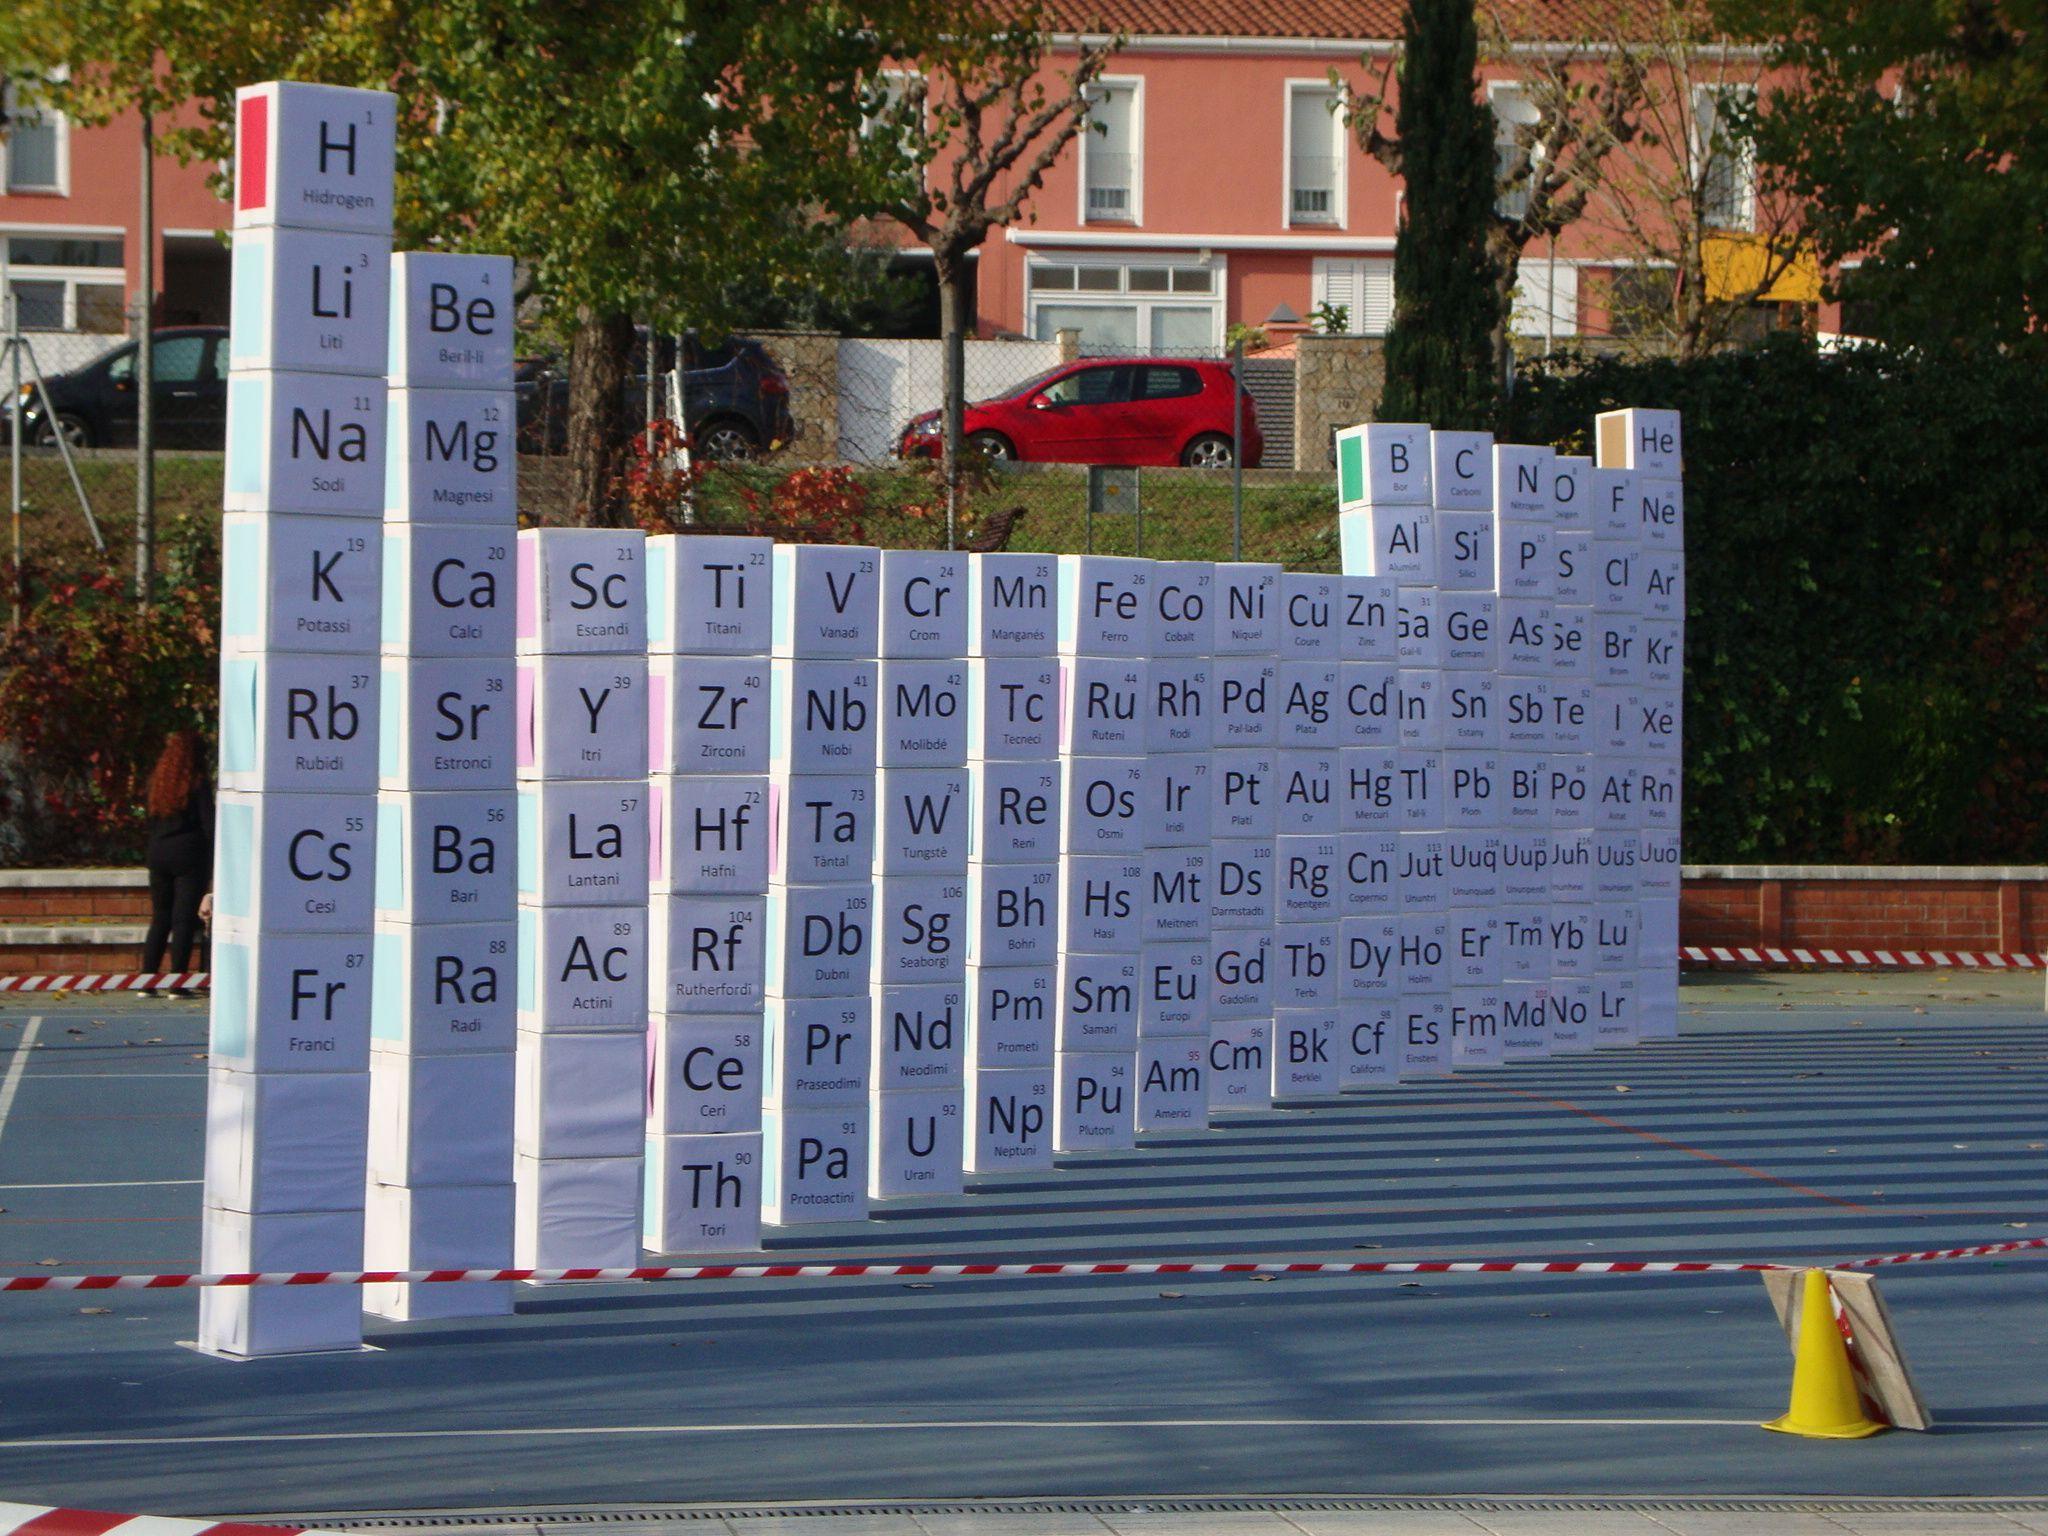 La tabla peridica de los elementos ms grande del mundo lo que les sorprendi ms a los alumnos fue la tabla peridica primeramente por que la haban hecho ellos y se sentan muy orgullosos en segundo lugar por urtaz Images